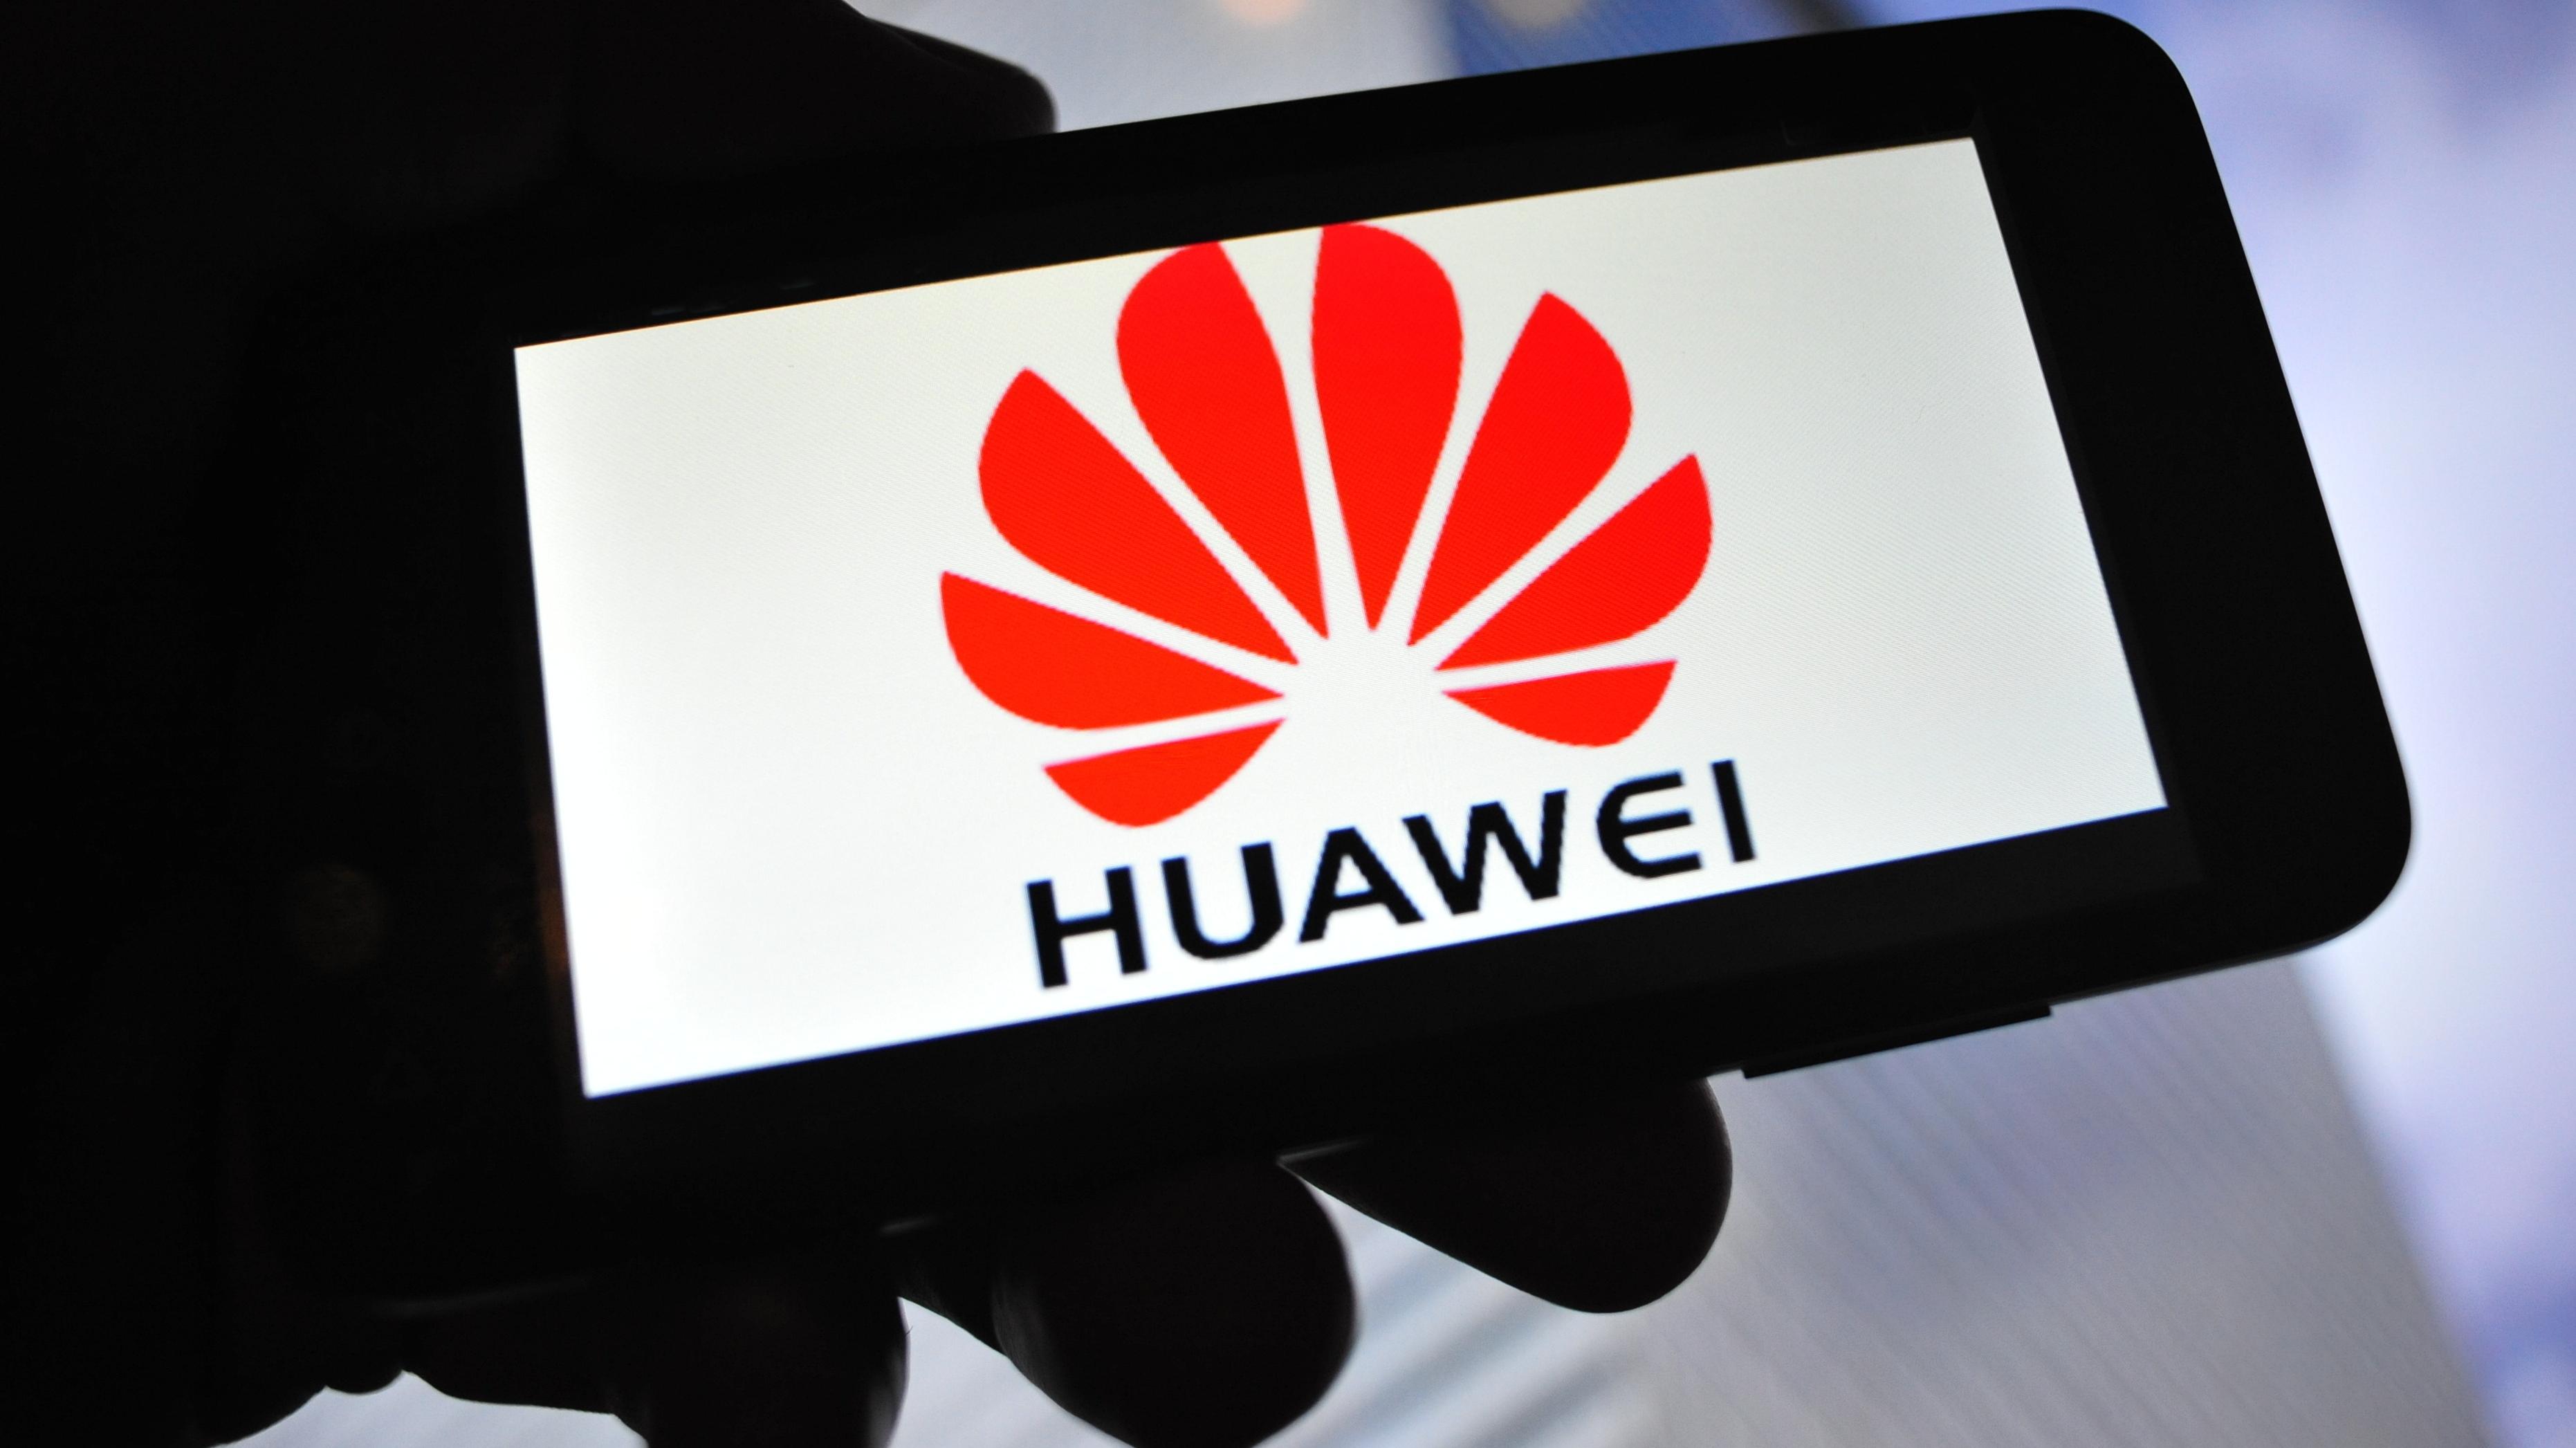 Huawei-Logo auf einem Smartphone